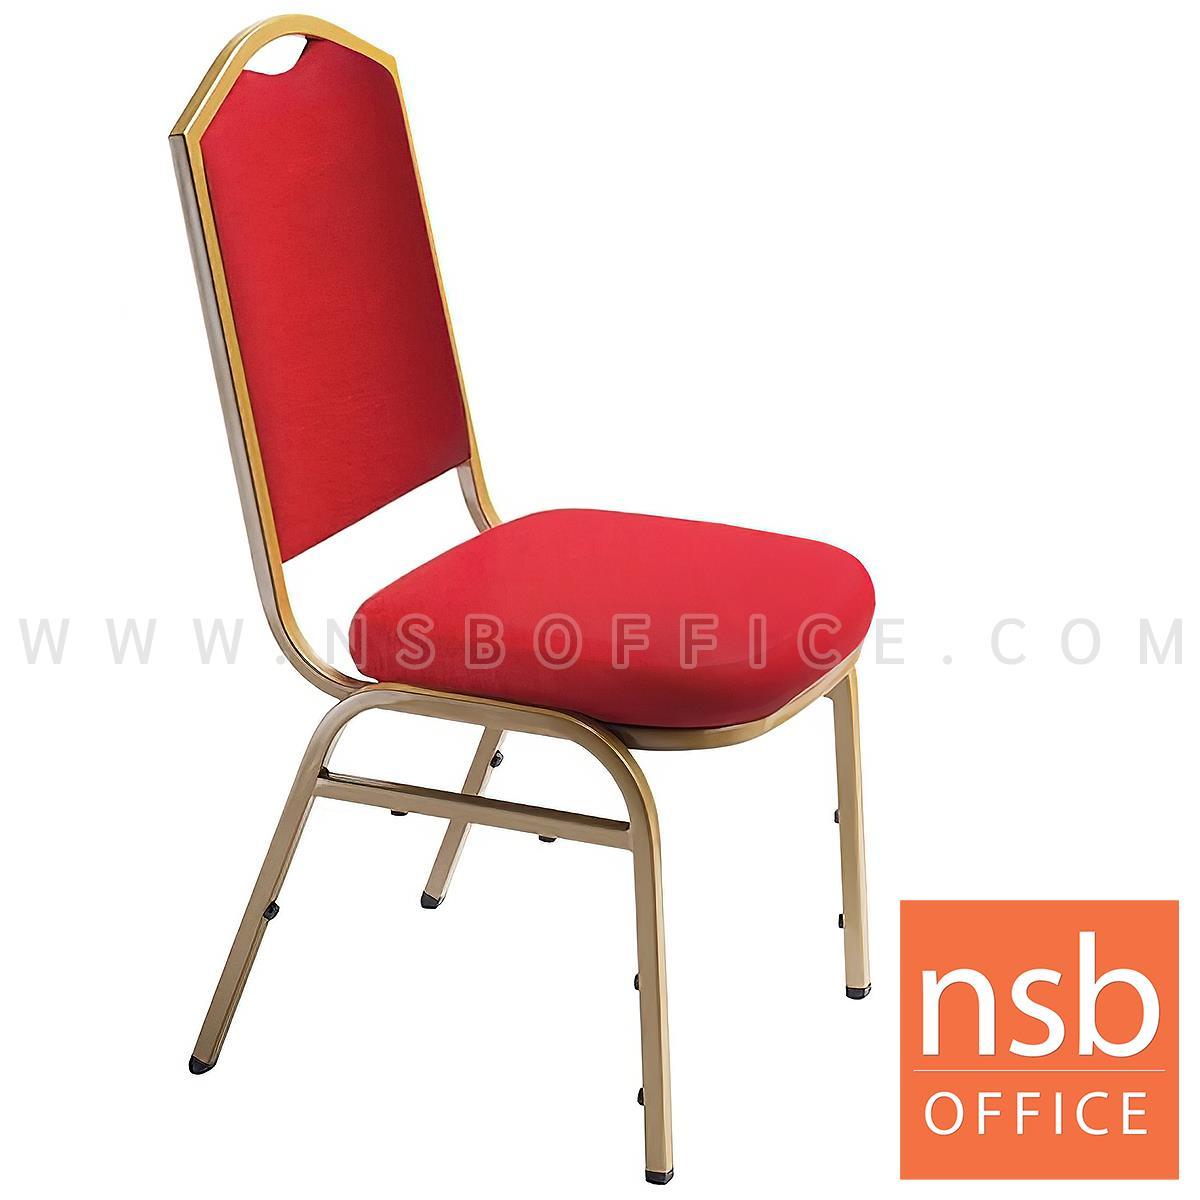 B08A088:เก้าอี้อเนกประสงค์จัดเลี้ยง  รุ่น Luckstone (ลัคสโตน) ขนาด 92.5H cm.  หุ้มผ้า ขาเหล็กพ่นสี